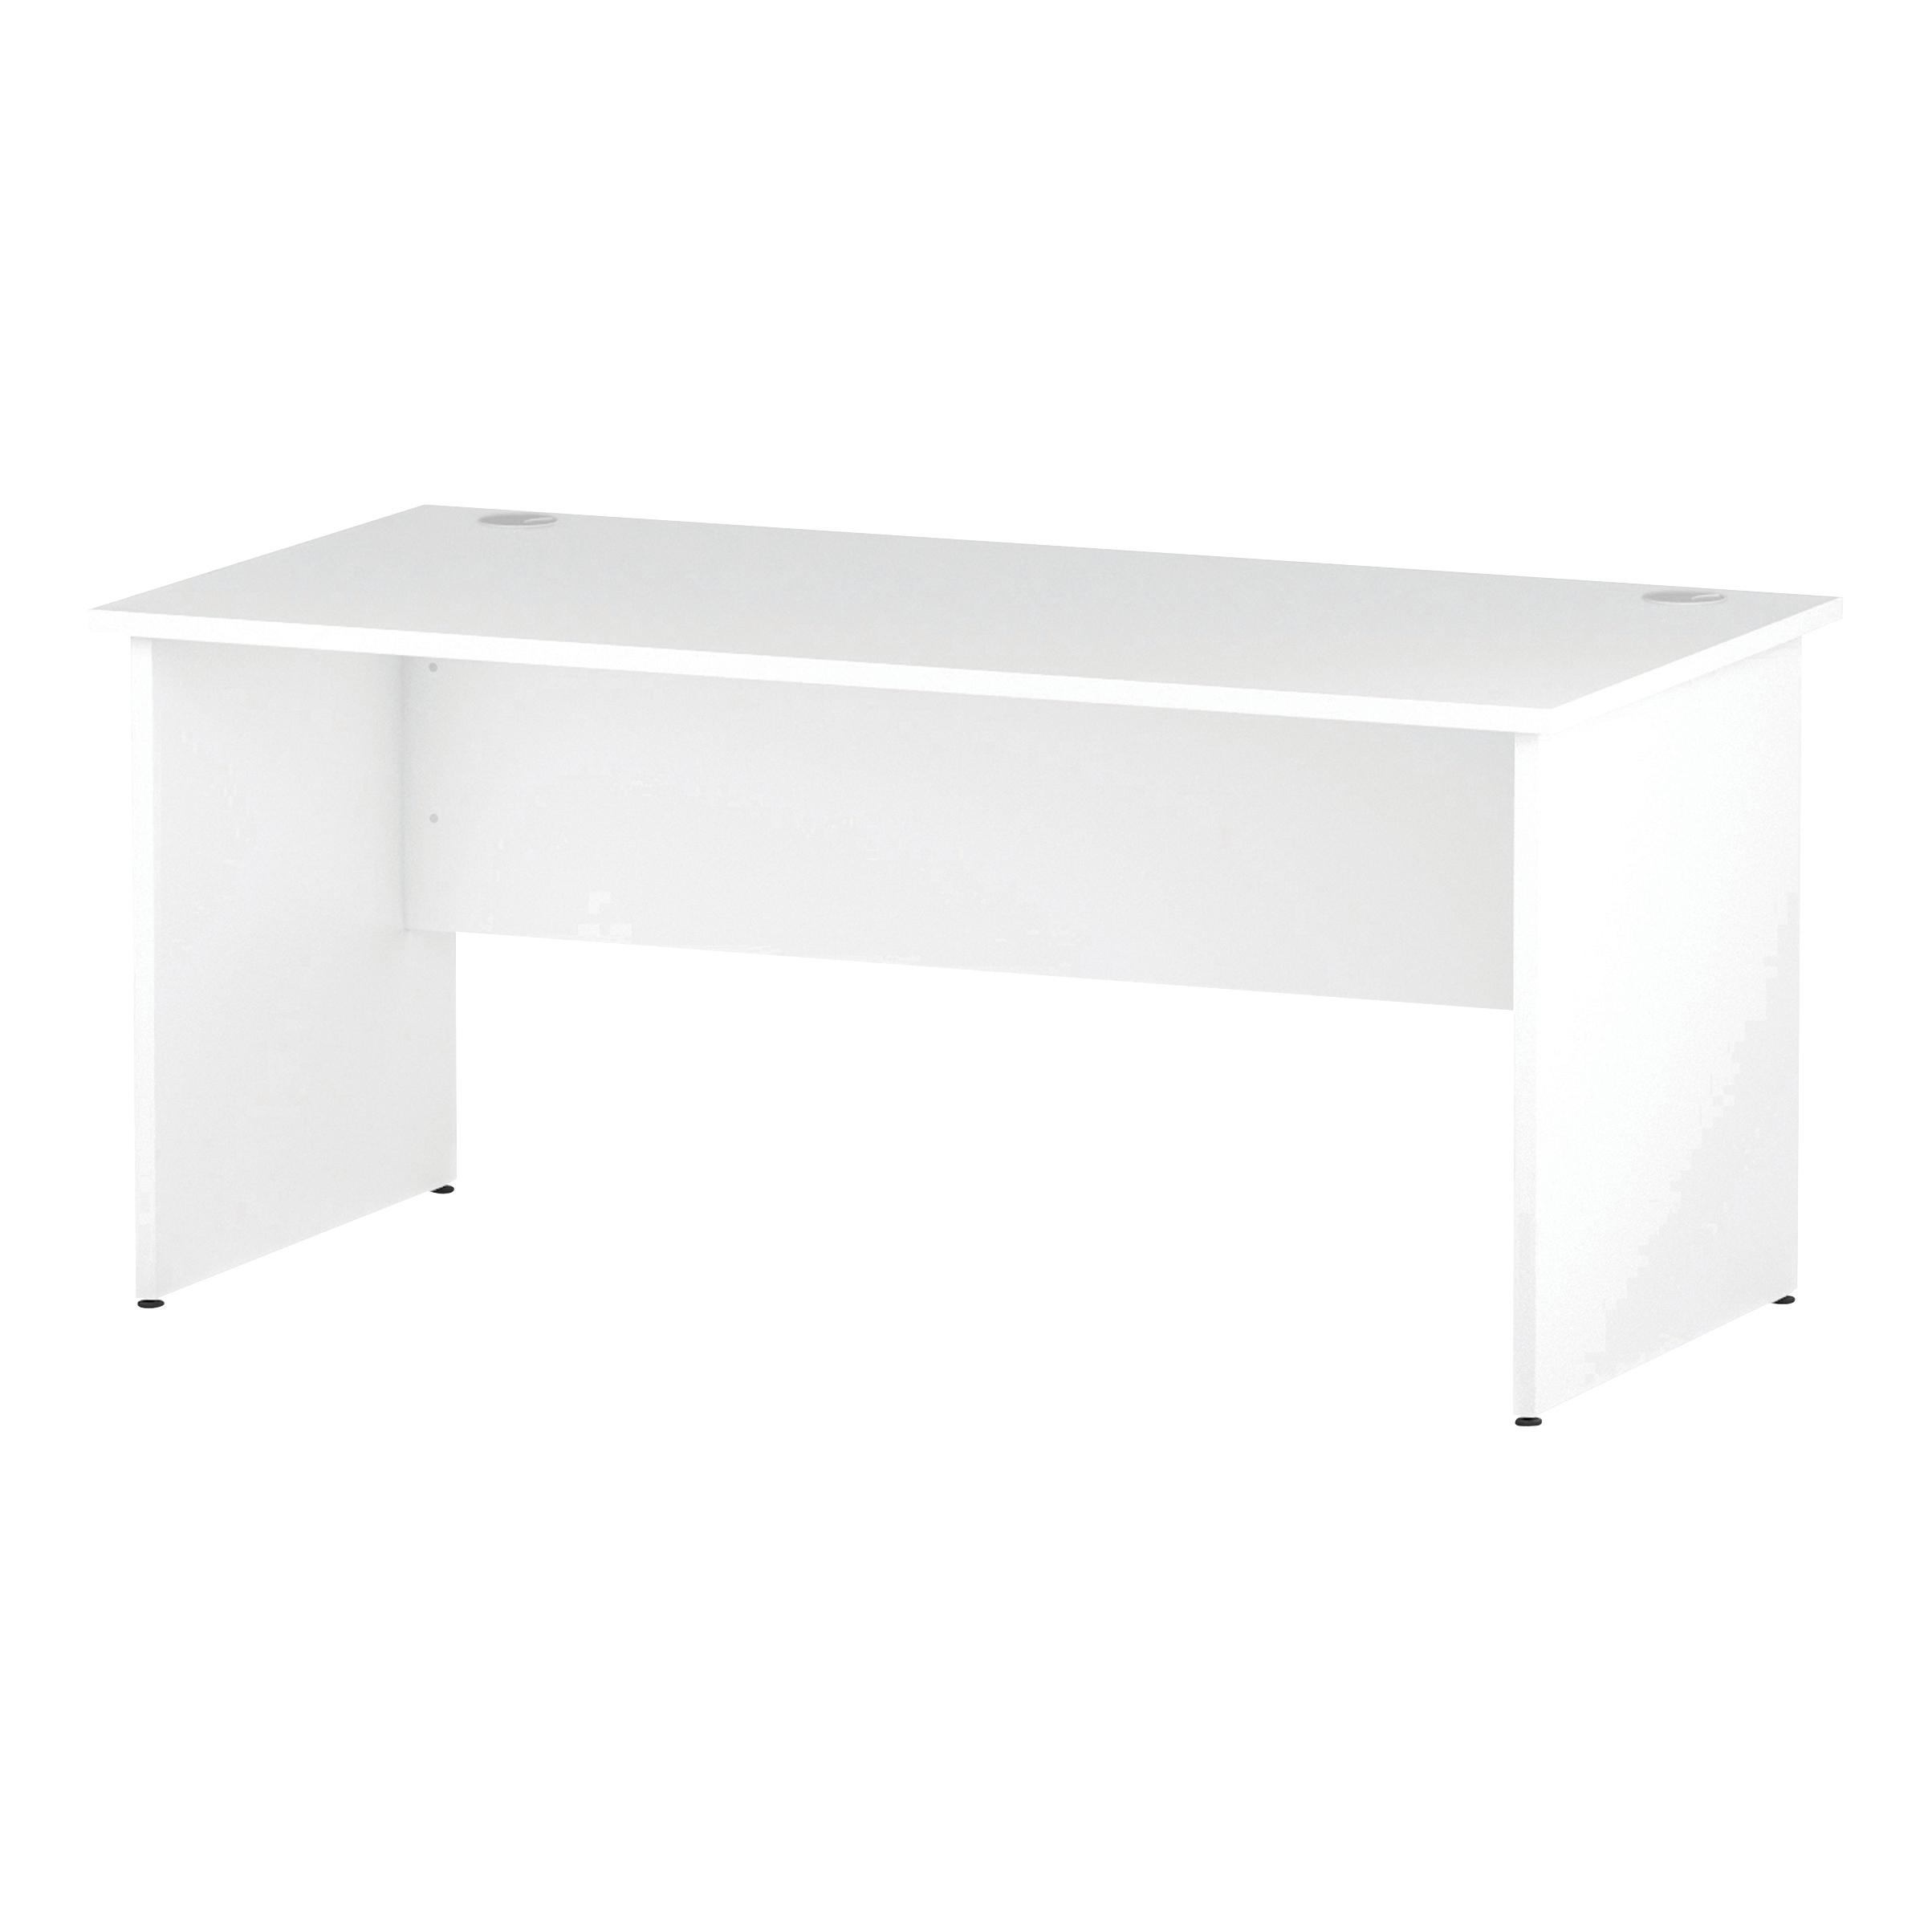 Trexus Rectangular Desk Panel End Leg 1600x800mm White Ref I000395